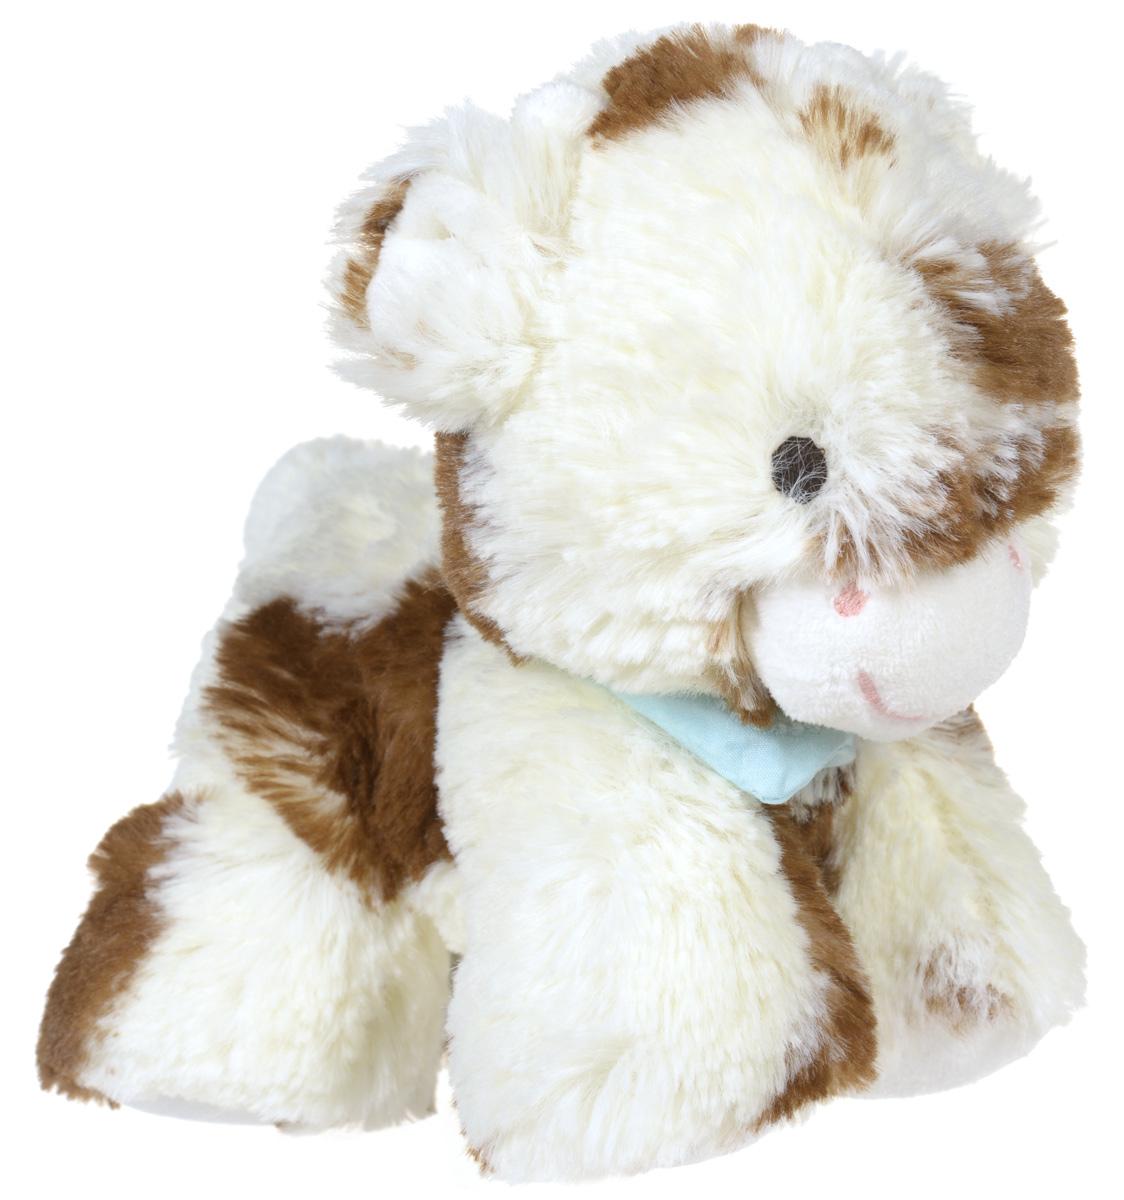 Kaloo Мягкая игрушка Корова 19 смK963004Мягкая игрушка Kaloo Корова надолго станет постоянным спутником вашего малыша. Игрушка выполнена из качественных и безопасных для здоровья детей материалов, которые не вызывают аллергии, приятны на ощупь и доставляют большое удовольствие во время игр. Коровка выполнена в молочном цвете с коричневыми пятнашками. На шее у нее повязан бирюзовый платочек. Игрушку приятно держать в руках, прижимать к себе и придумывать разнообразные игры. Специальные гранулы, используемые при набивке игрушки, способствуют развитию мелкой моторики рук малыша. Игры с мягкими игрушками развивают тактильную чувствительность и сенсорное восприятие. После стирки изделие не деформируется и не меняет внешний вид. Все игрушки Kaloo прошли множественные тесты и соответствуют мировым стандартам безопасности. Именно поэтому игрушки рекомендованы для детей с рождения, что отличает их от большинства производителей мягких игрушек. Дизайнеры Kaloo продумывают и придают...